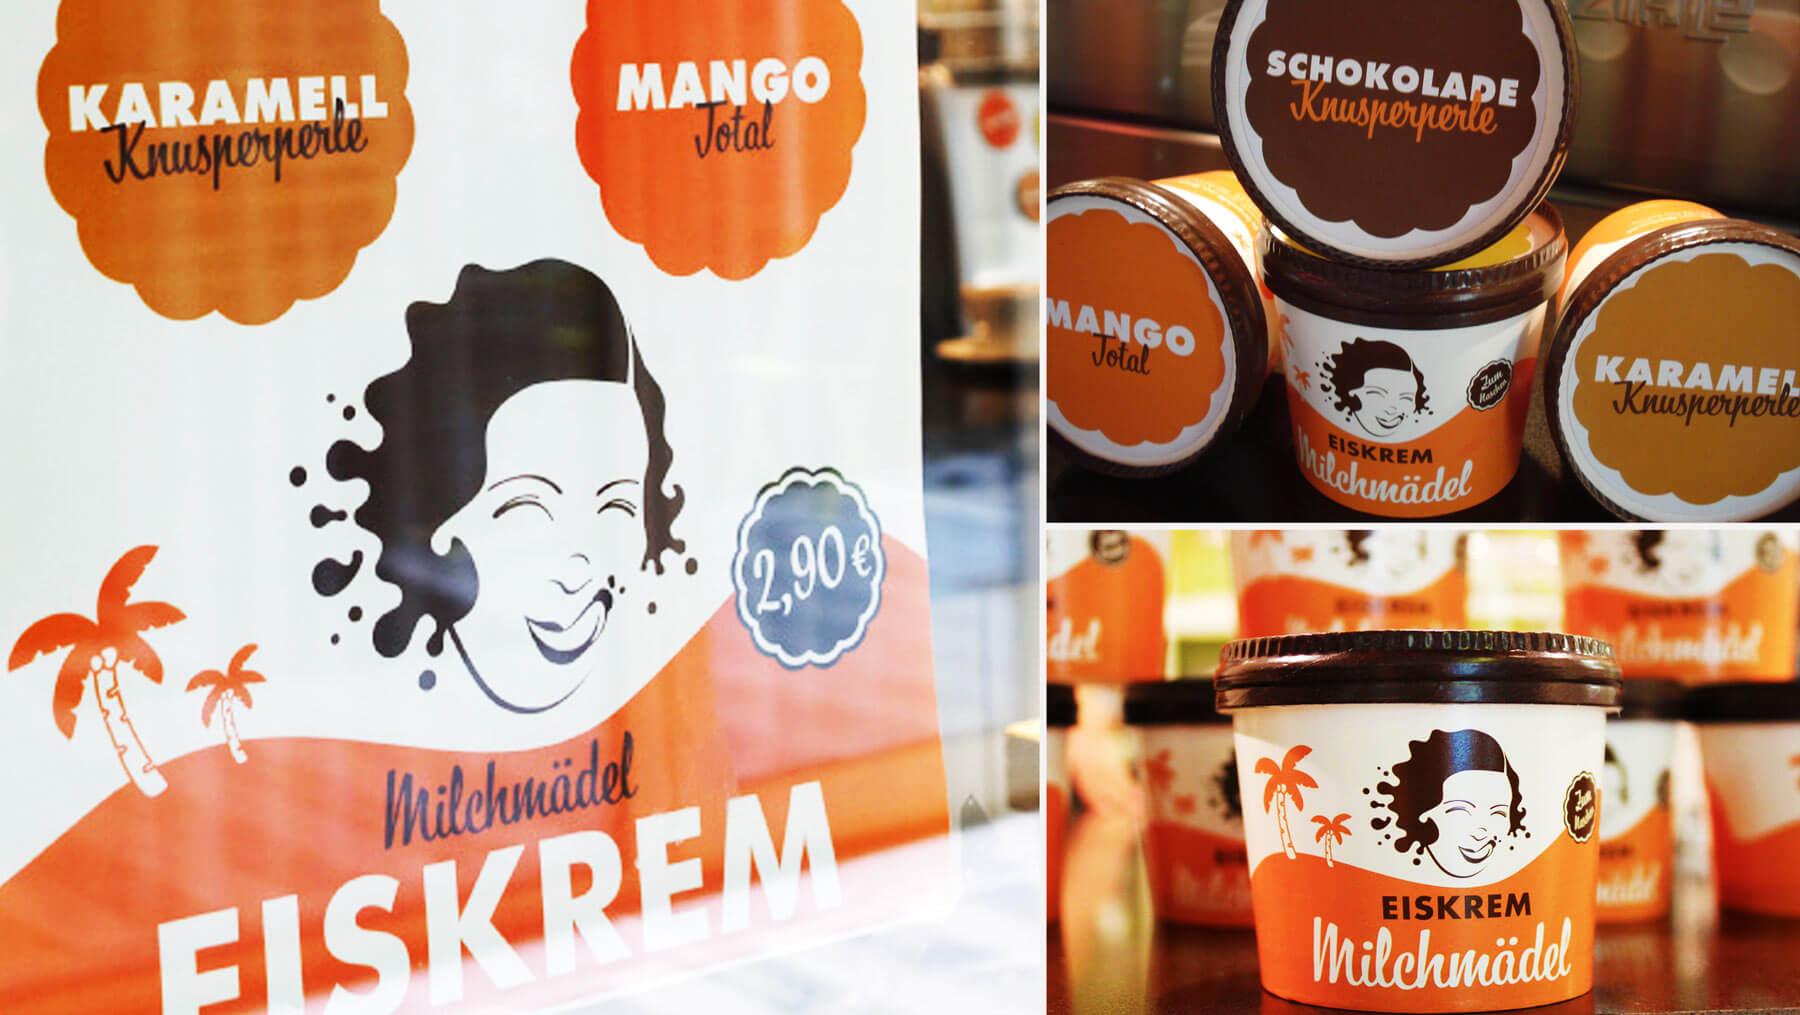 Milchmädel - Becher Eis Sorten Foto Copyright Ralf Kleimann